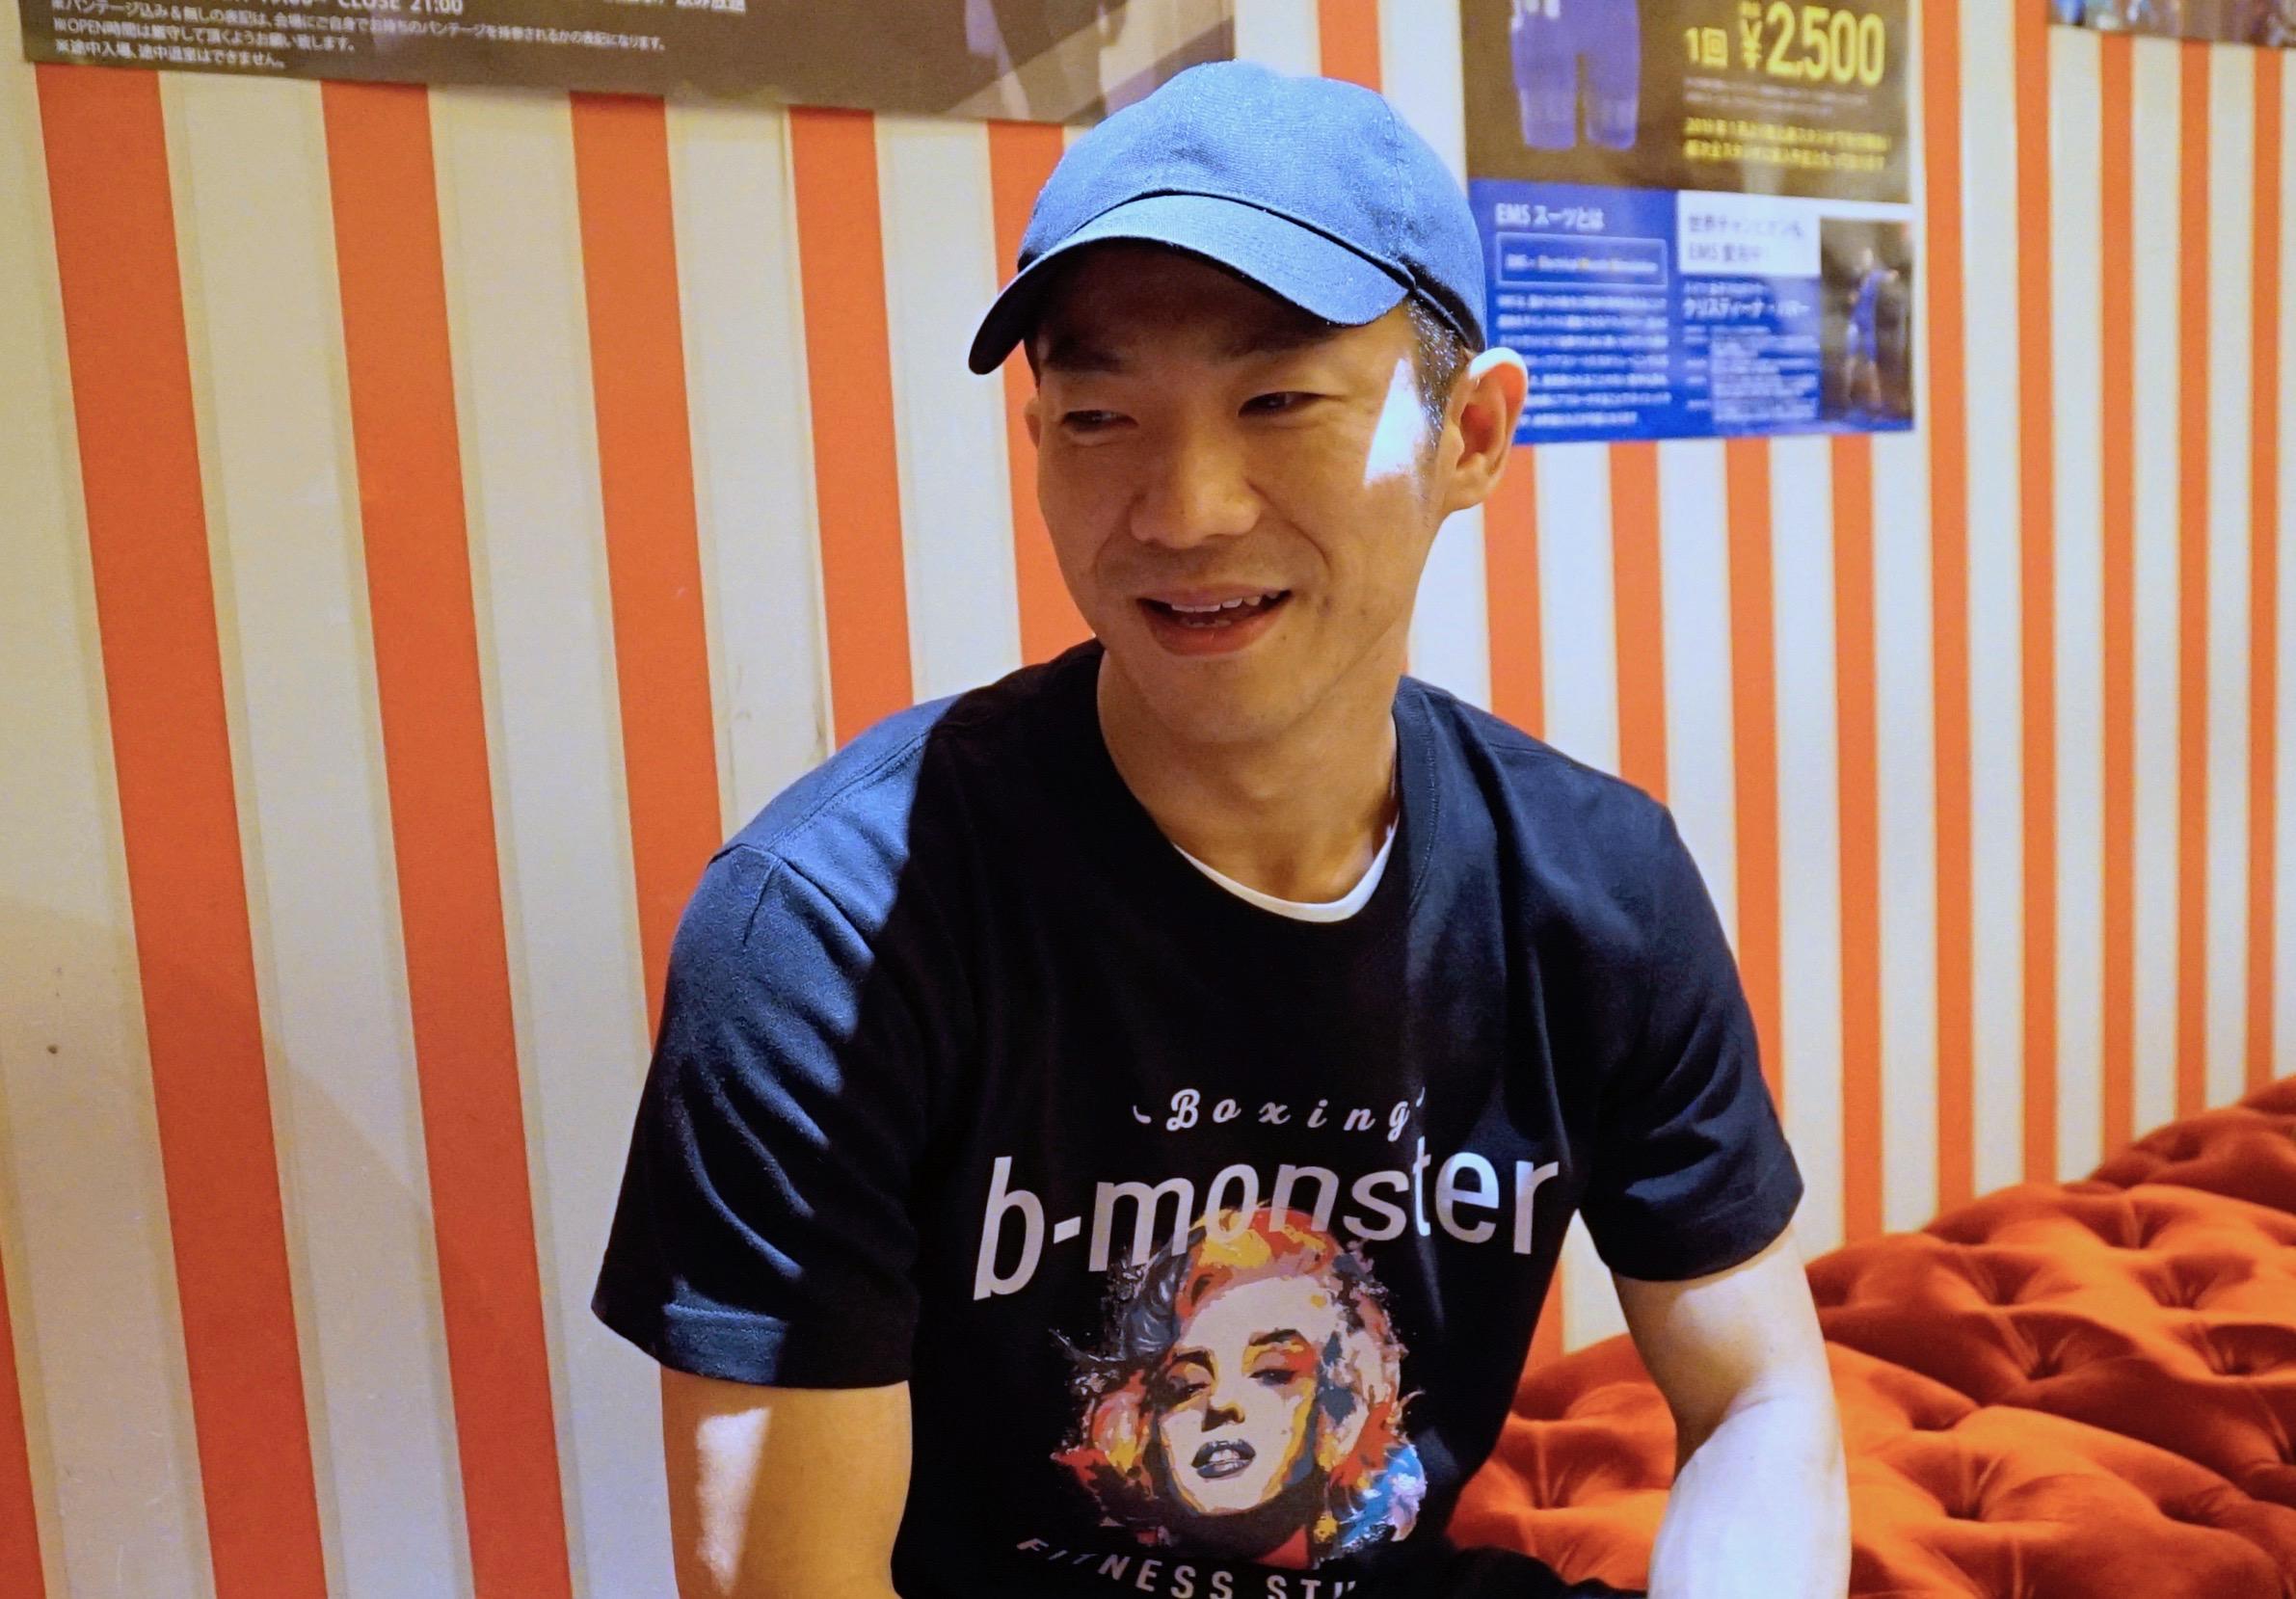 b-monsterインストラクターRoKiのインタビュー